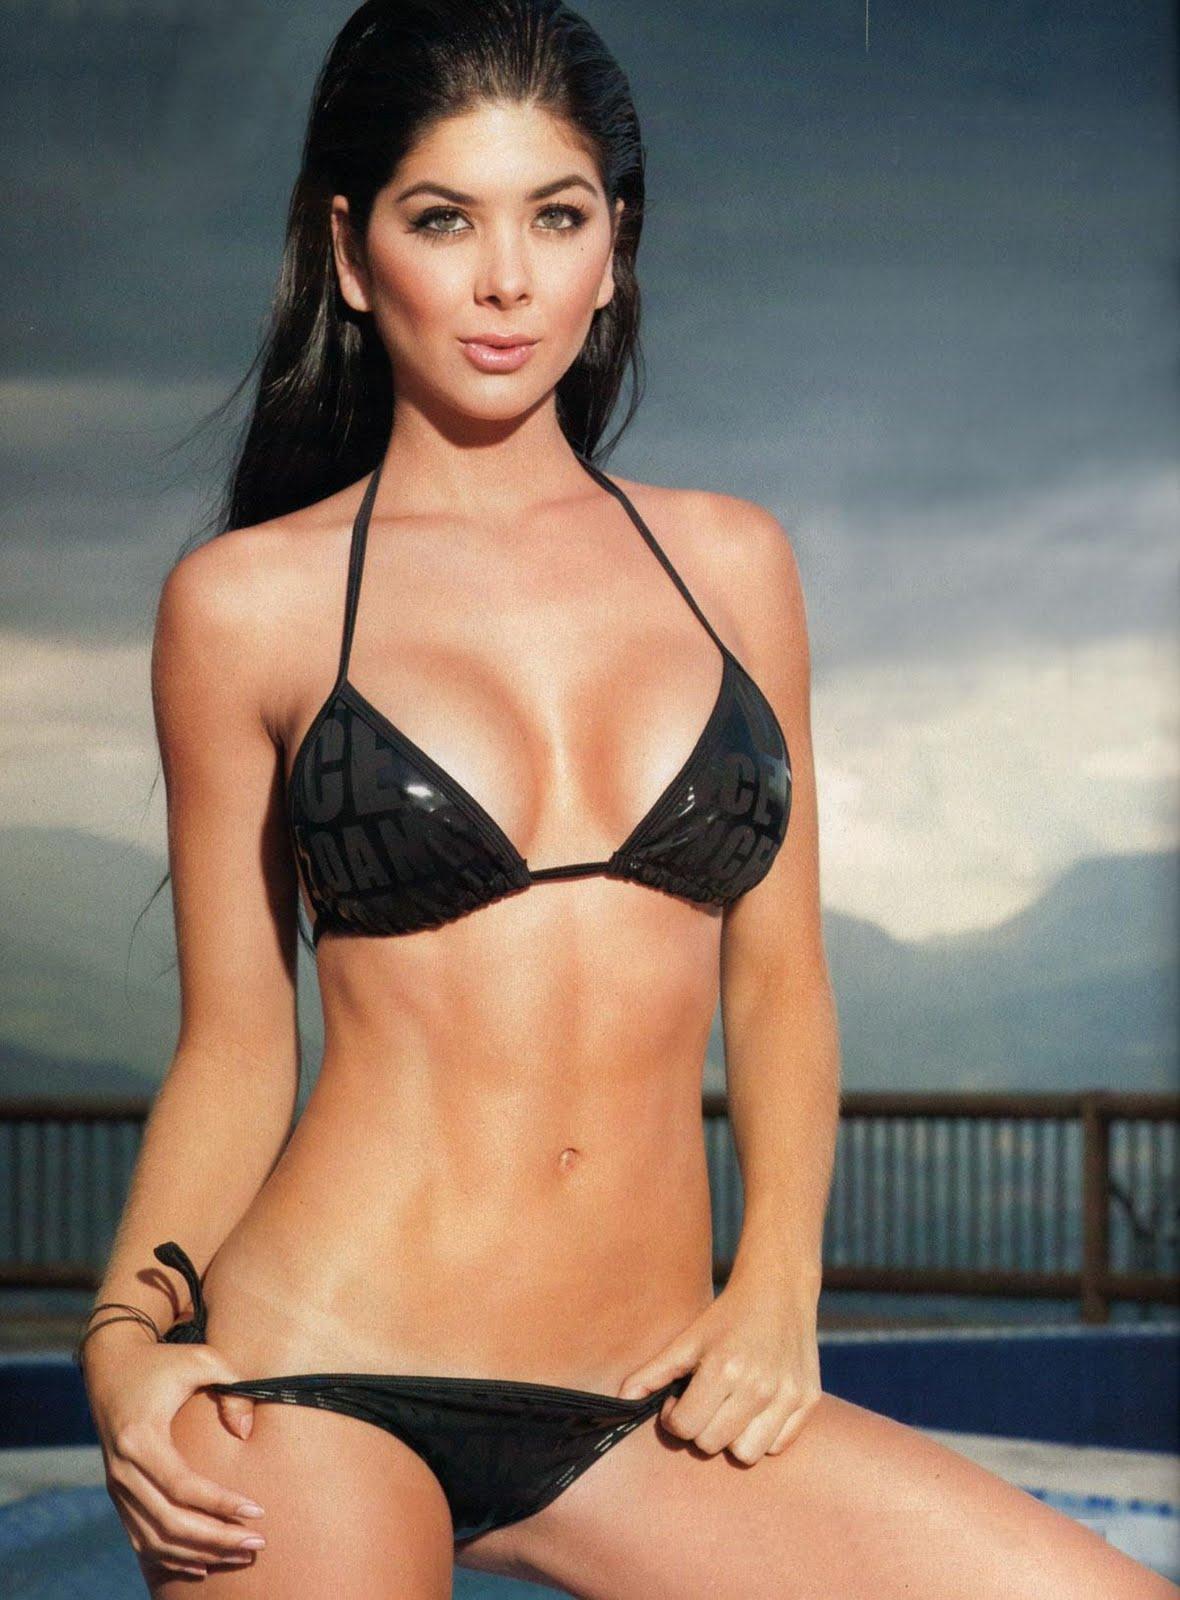 http://3.bp.blogspot.com/-9cek1TxbxWo/TZasjSYBmaI/AAAAAAAAHeA/WkqO-hj0_Qo/s1600/Mariana%2B%2526%2BCamila%2BDavalos-02.jpg